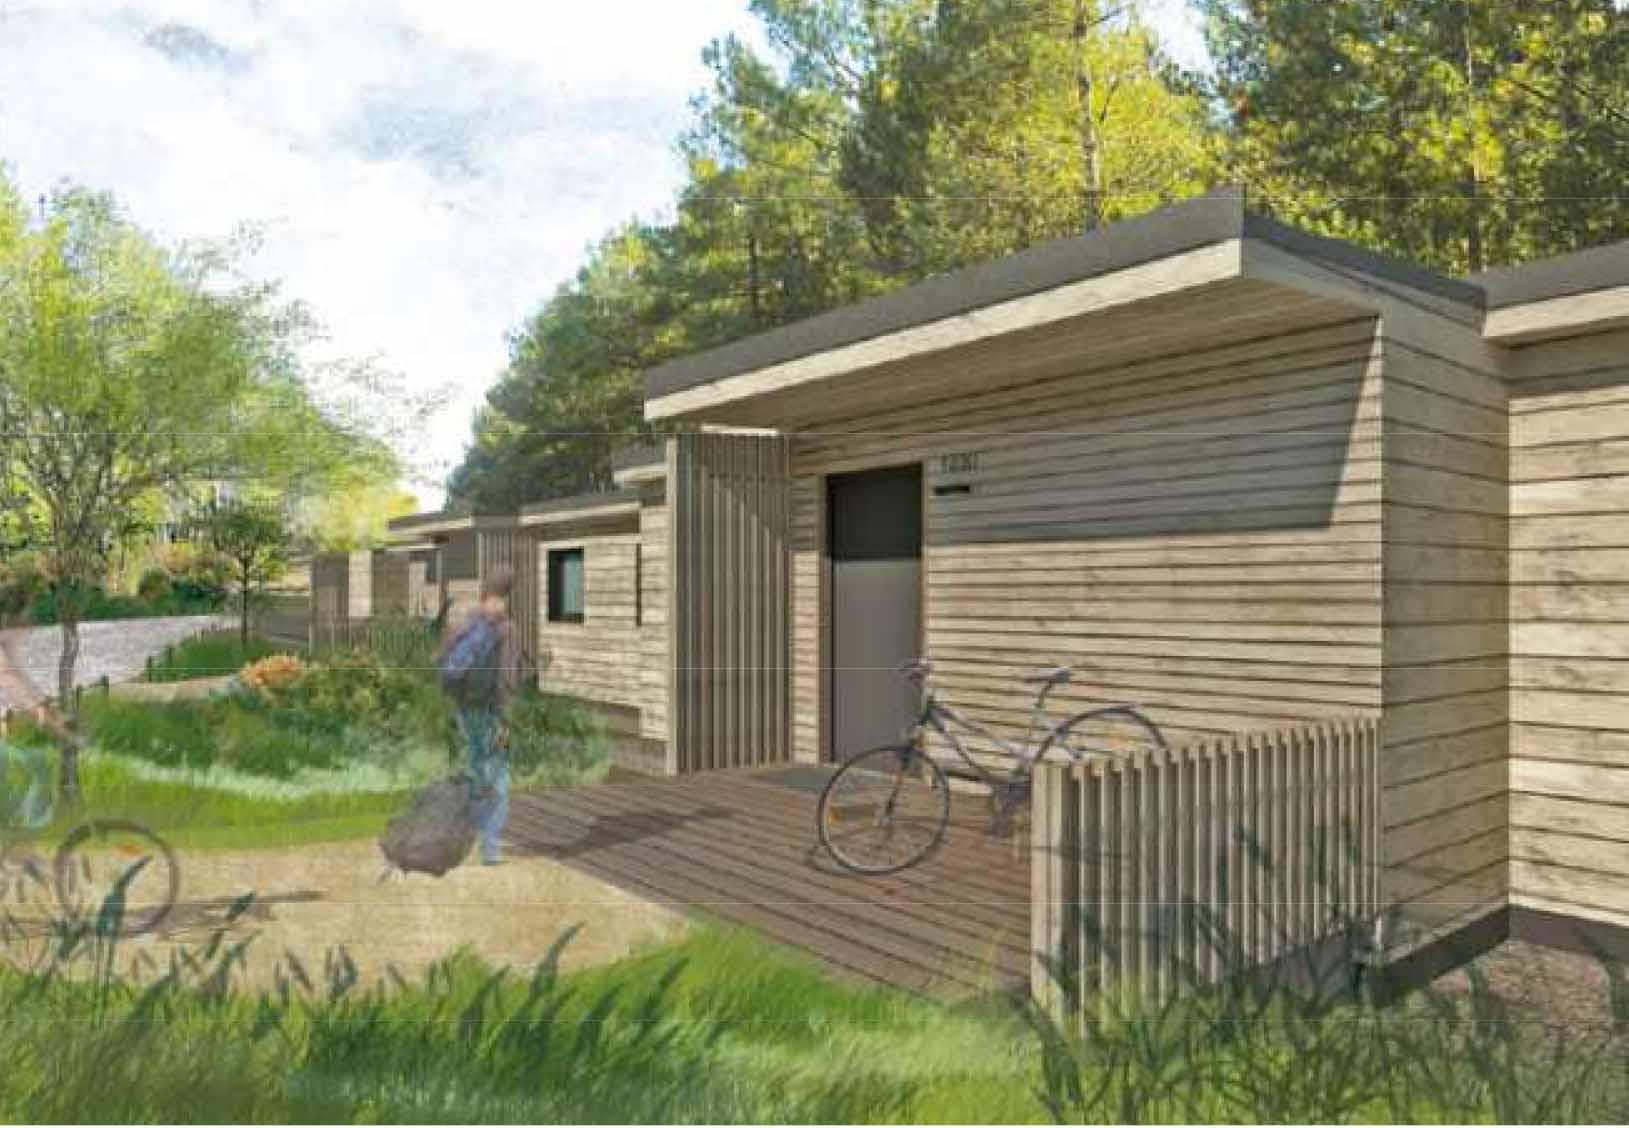 Cottages et salles de bains pour Center Parcs de la Vienne « Domaine du Bois aux Daims »